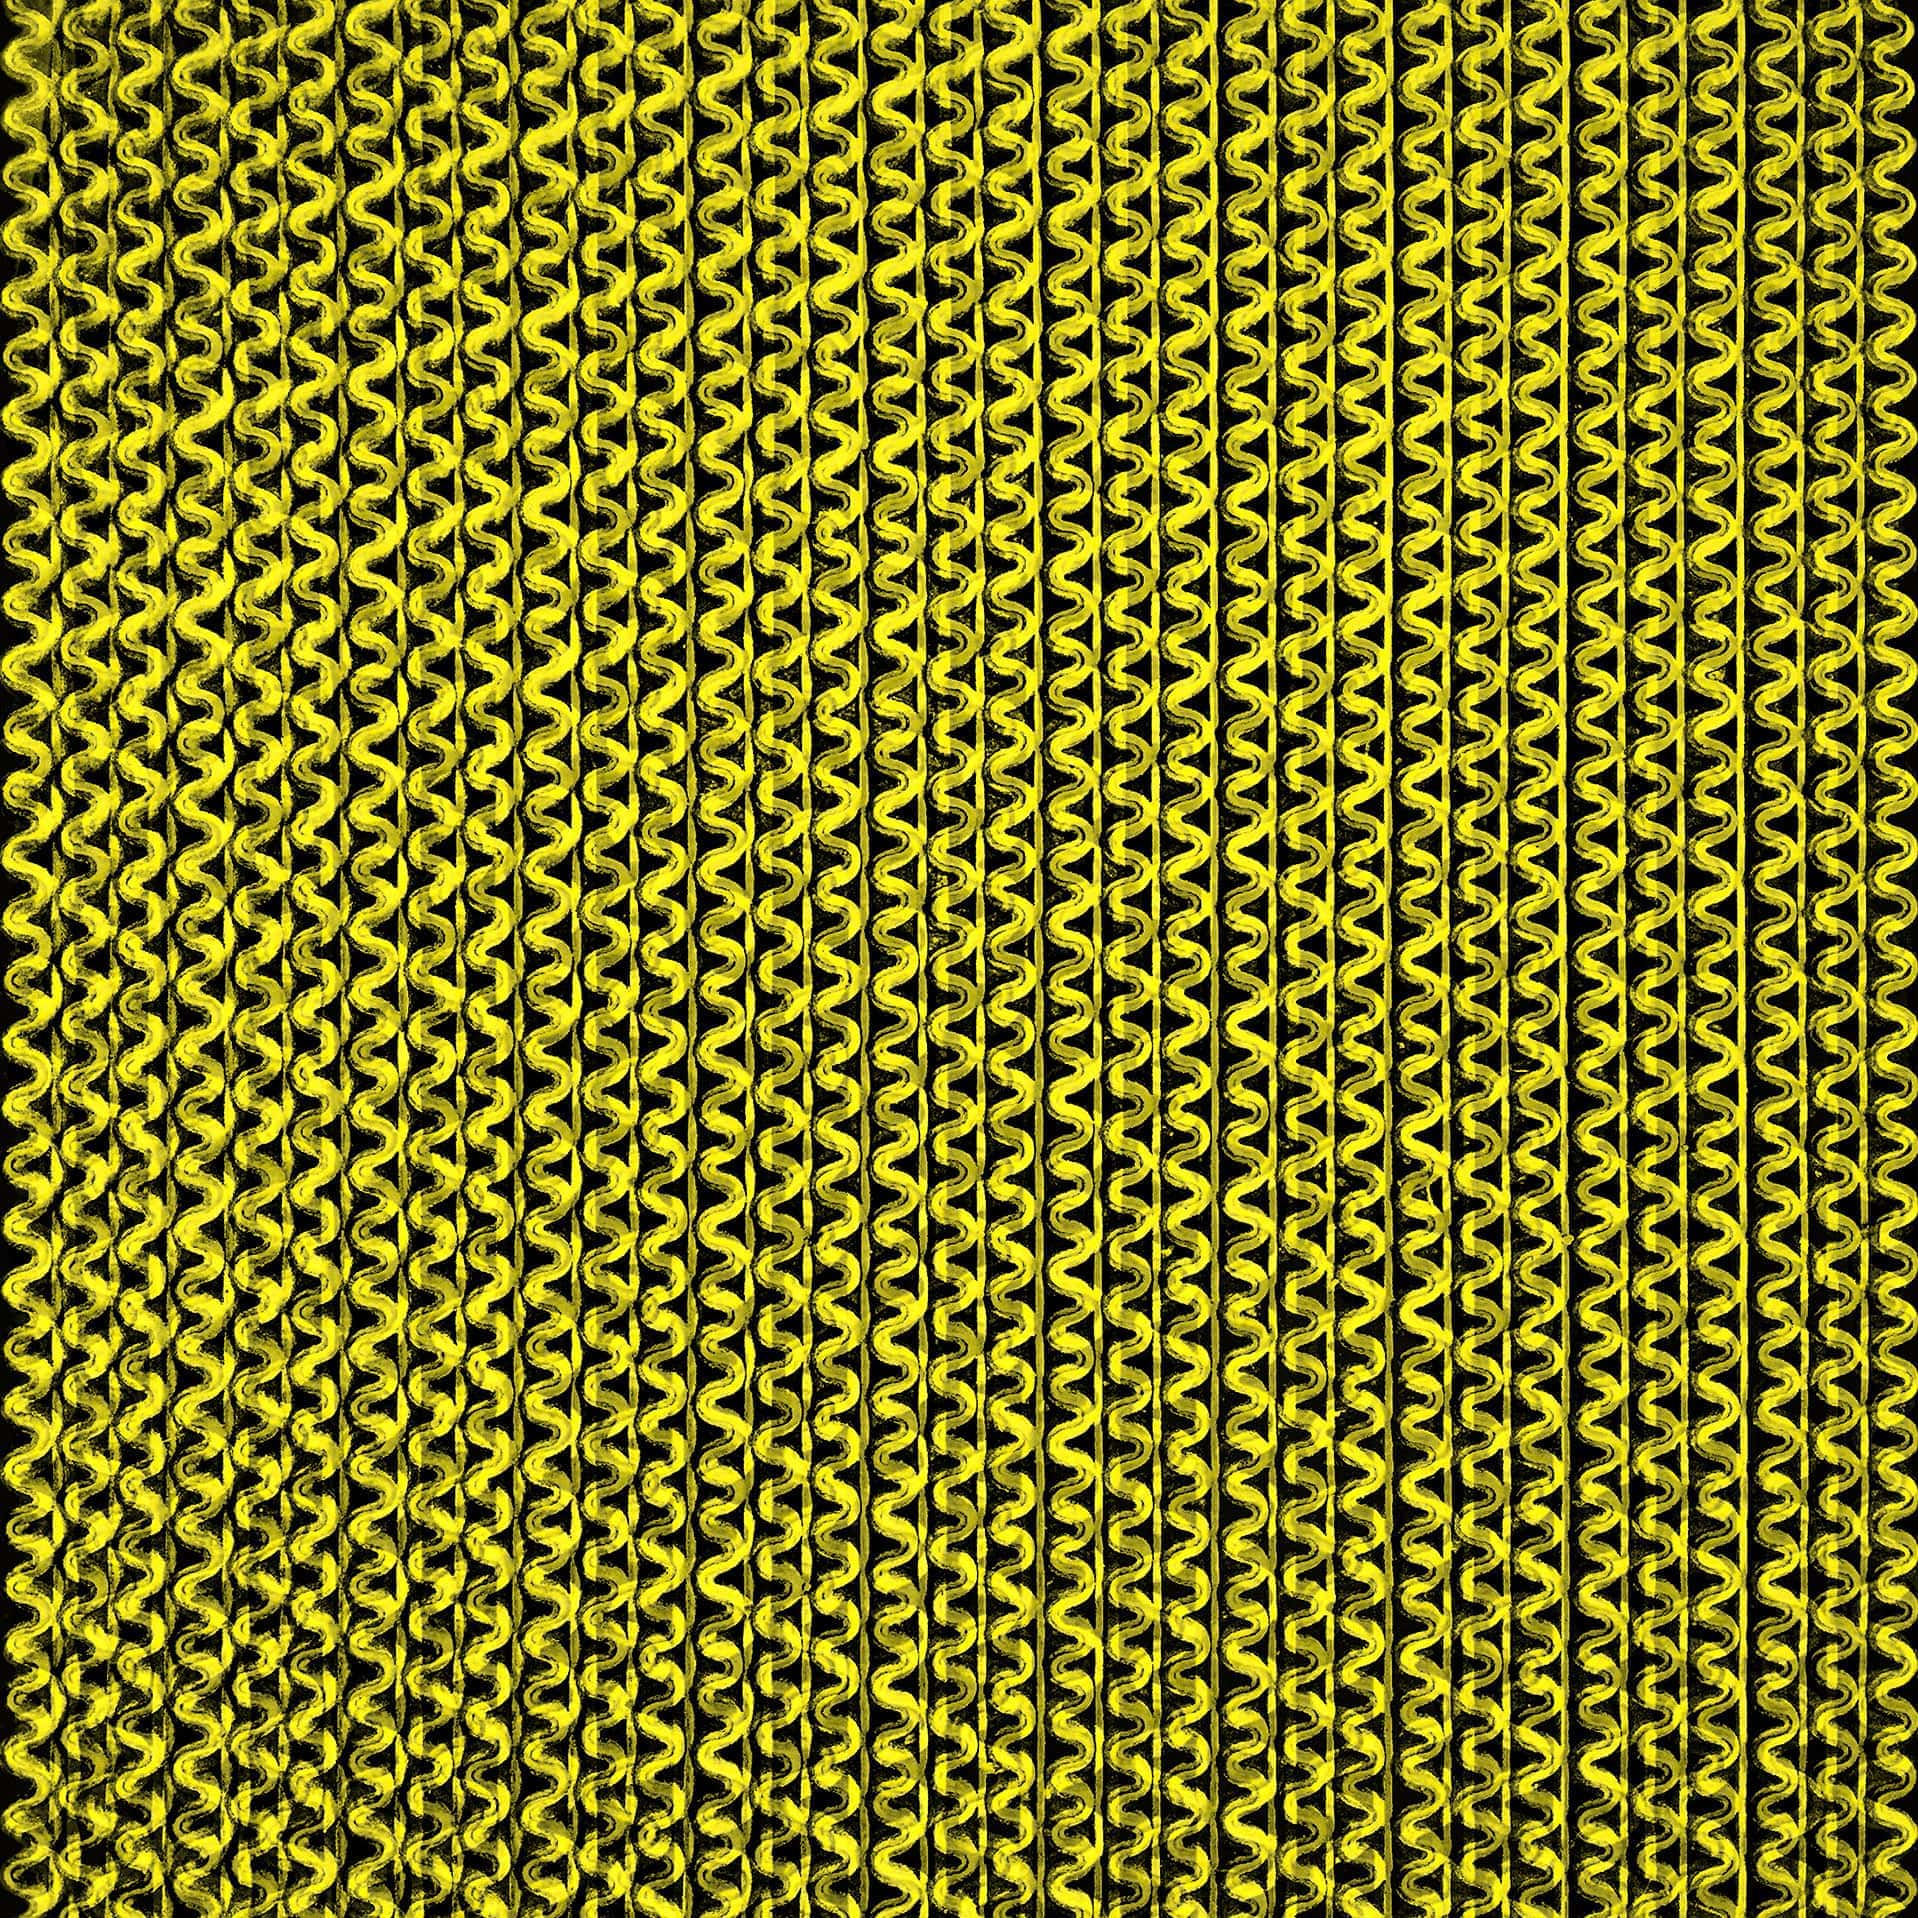 artnorama - Hypno Grid